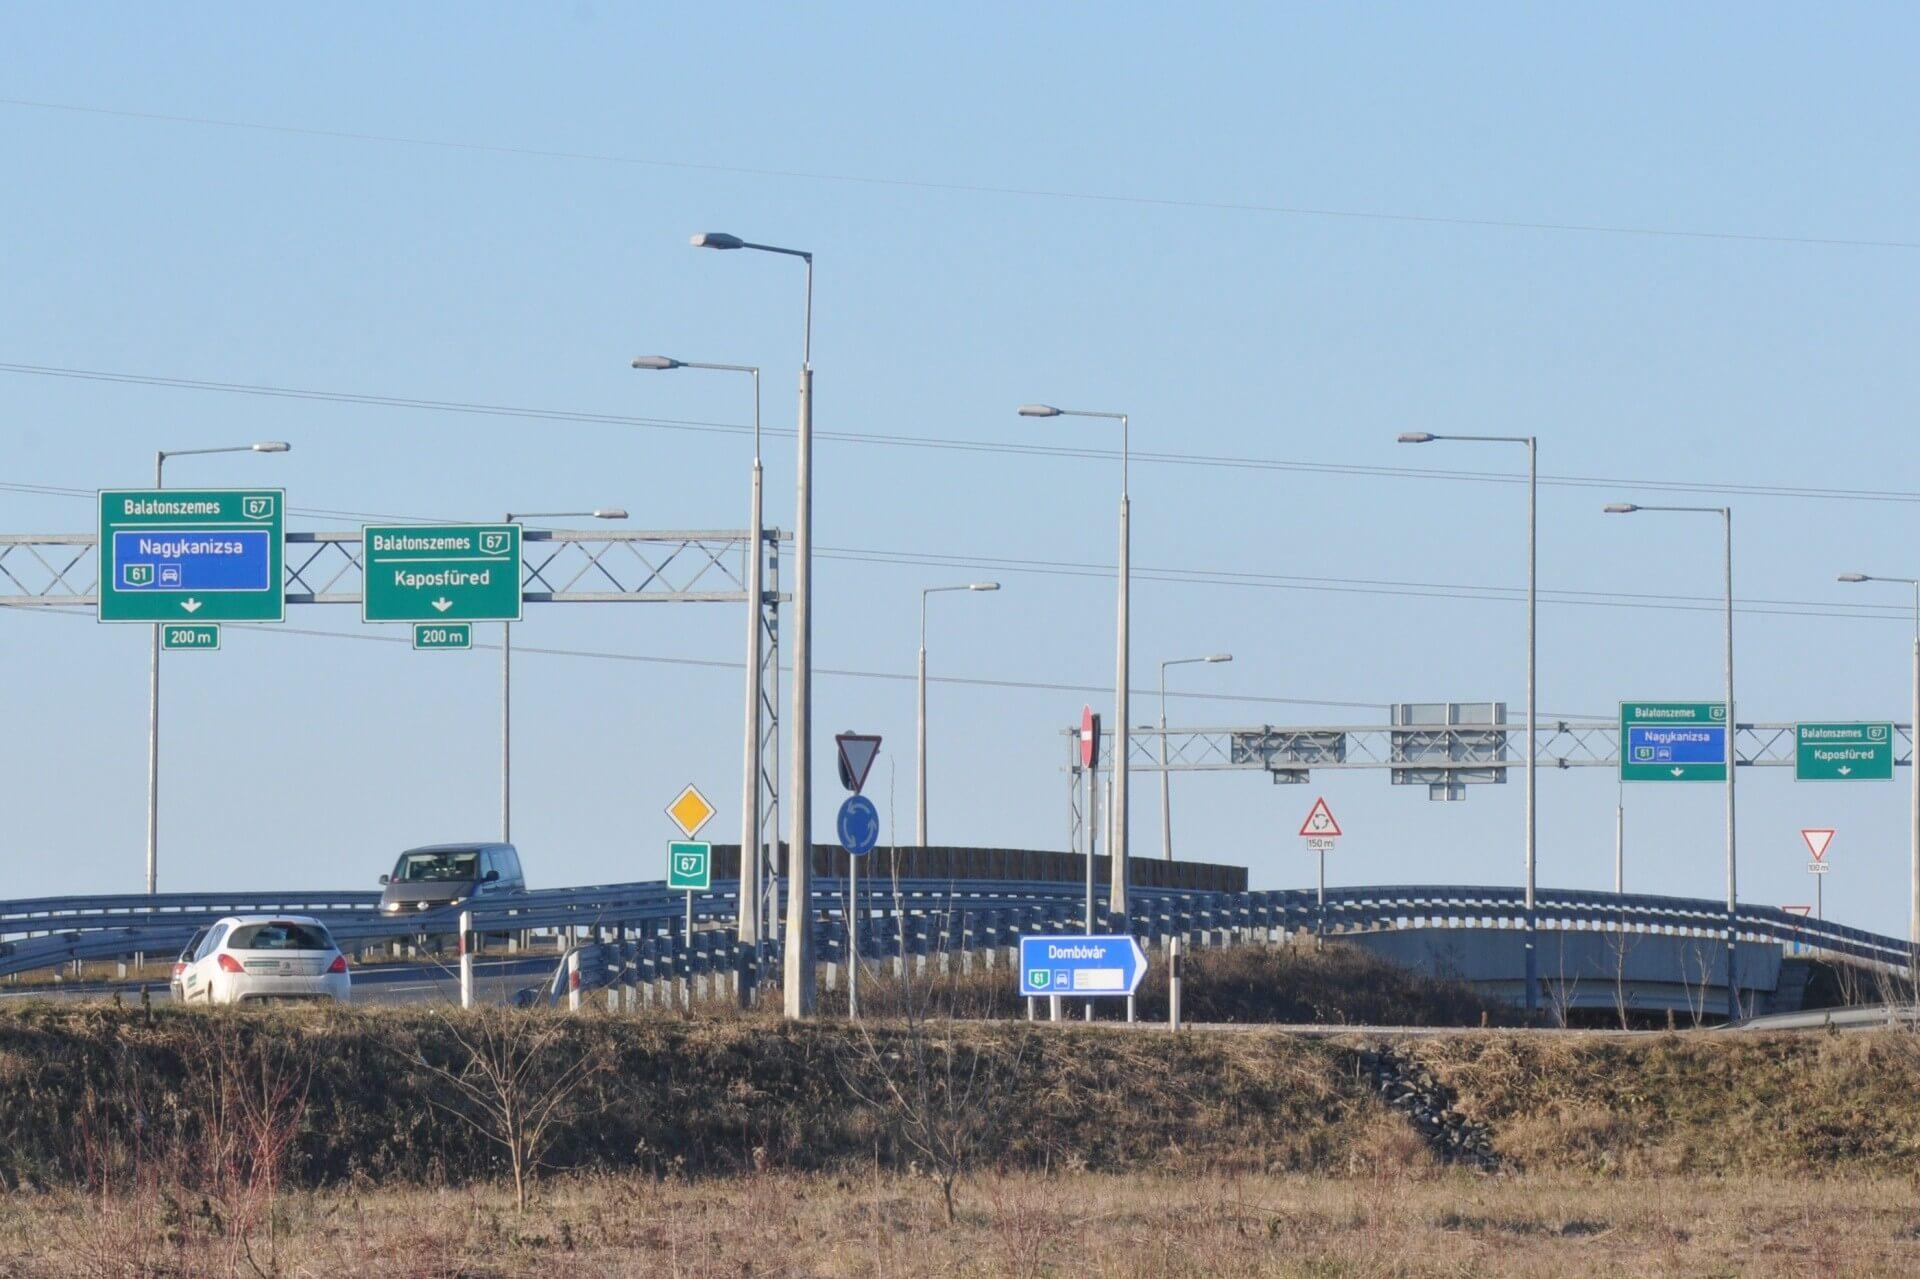 60 milliárd forint vált elérhetővé a helyi infrastruktúra fejlesztésére